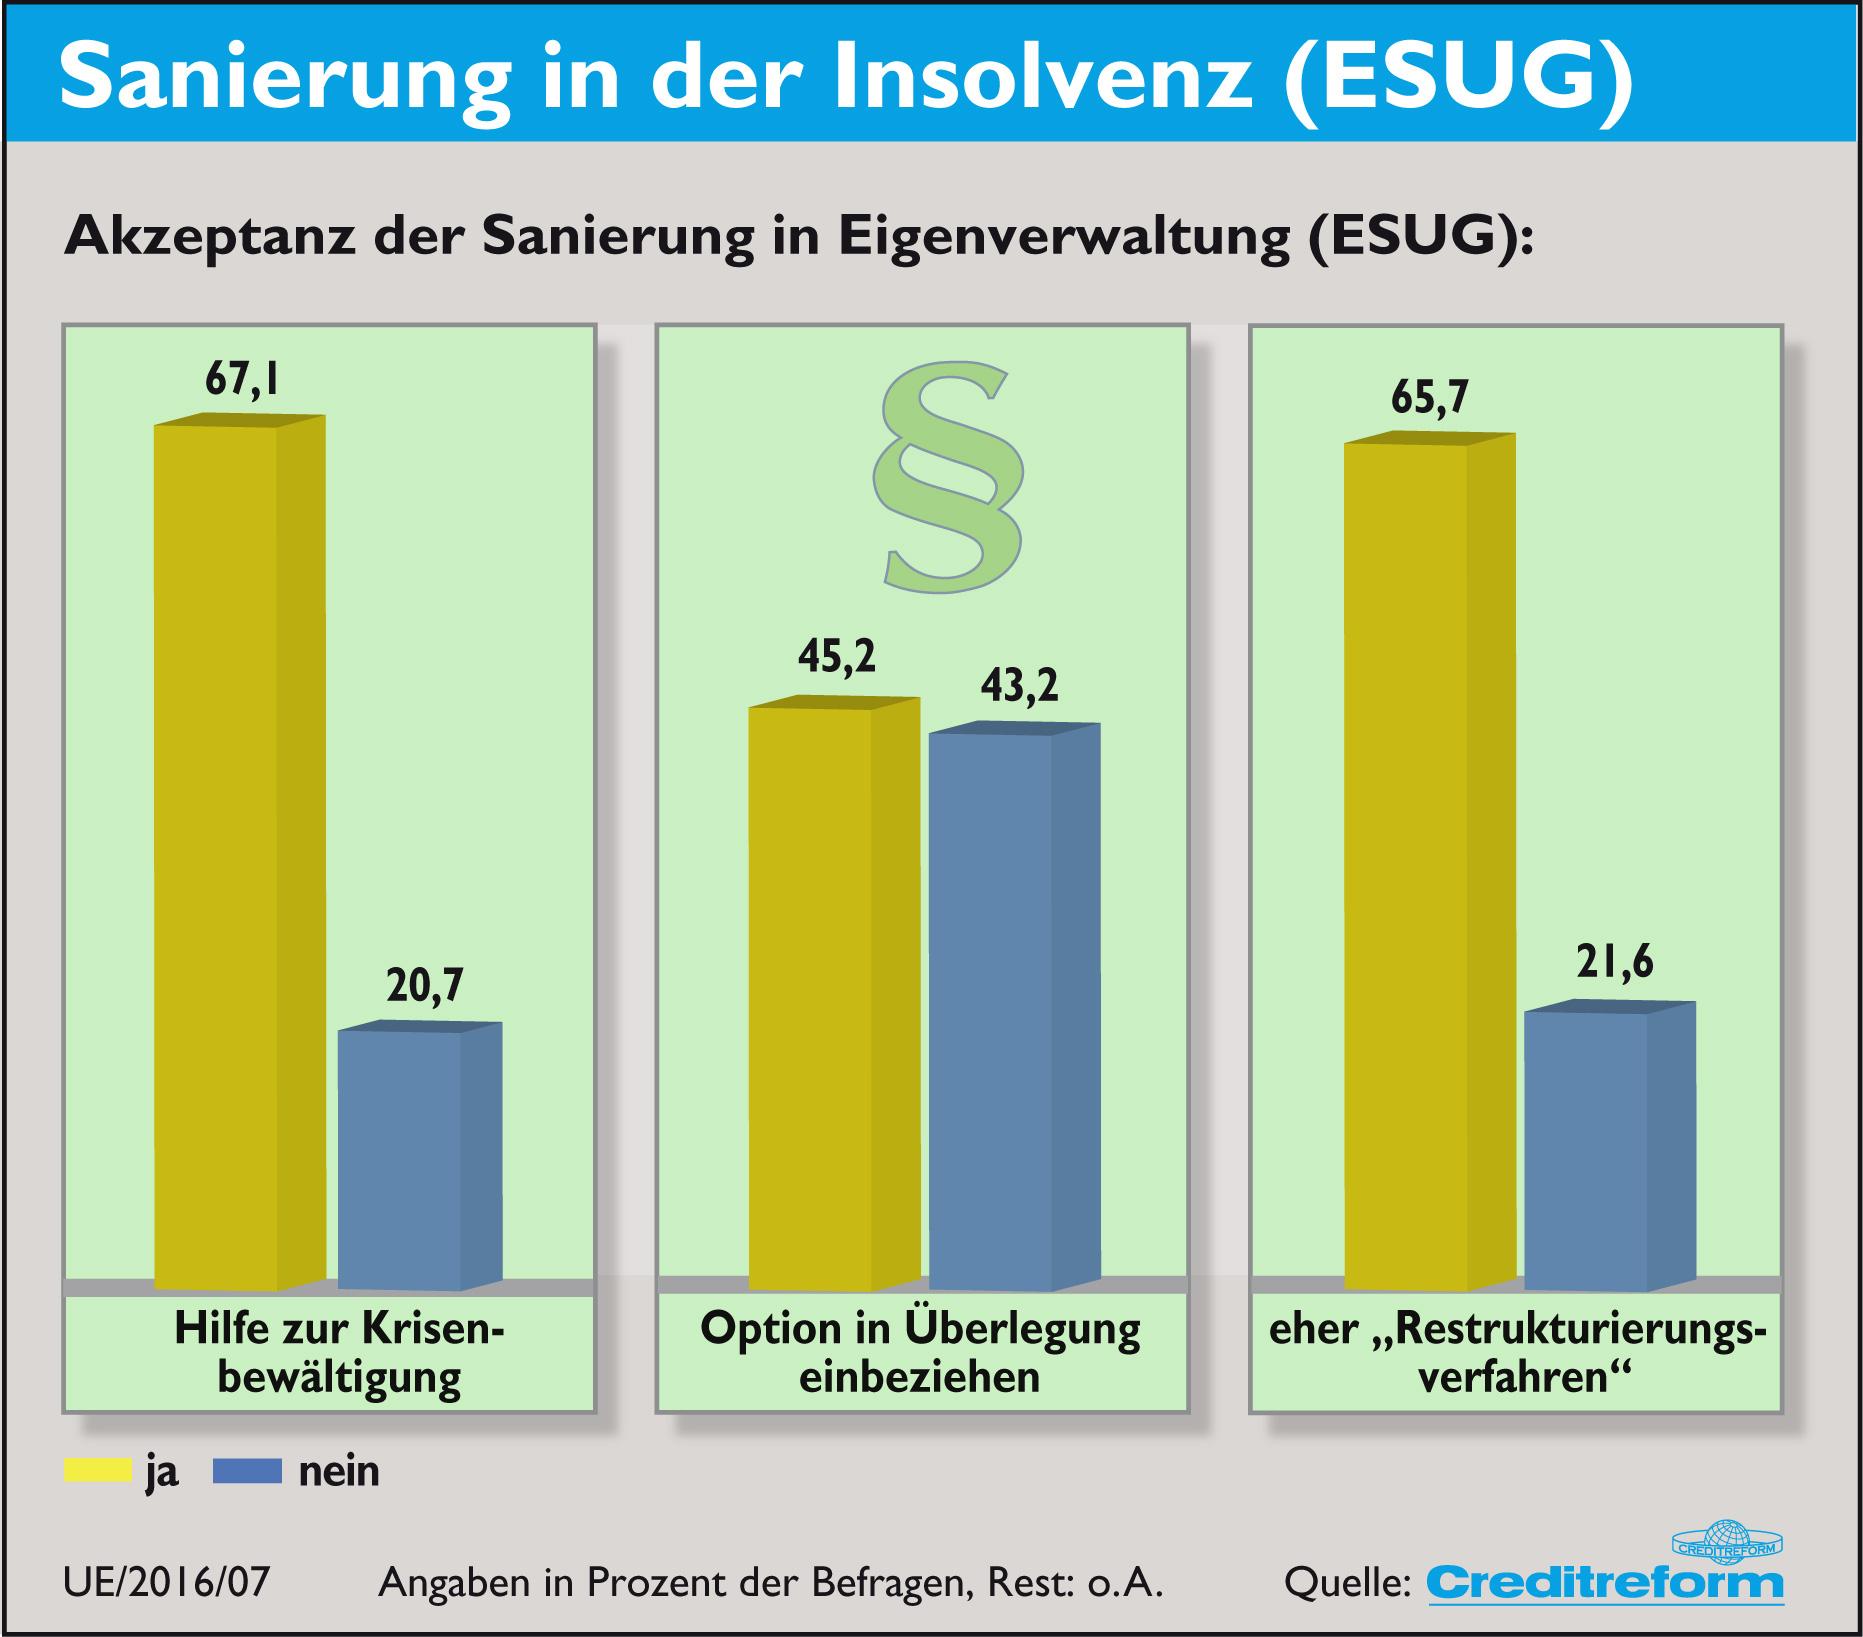 Diagramm: Auswertung Creditreform Herbstbefragung 2016 zur Akzeptanz der Sanierung in Eigenverwaltung